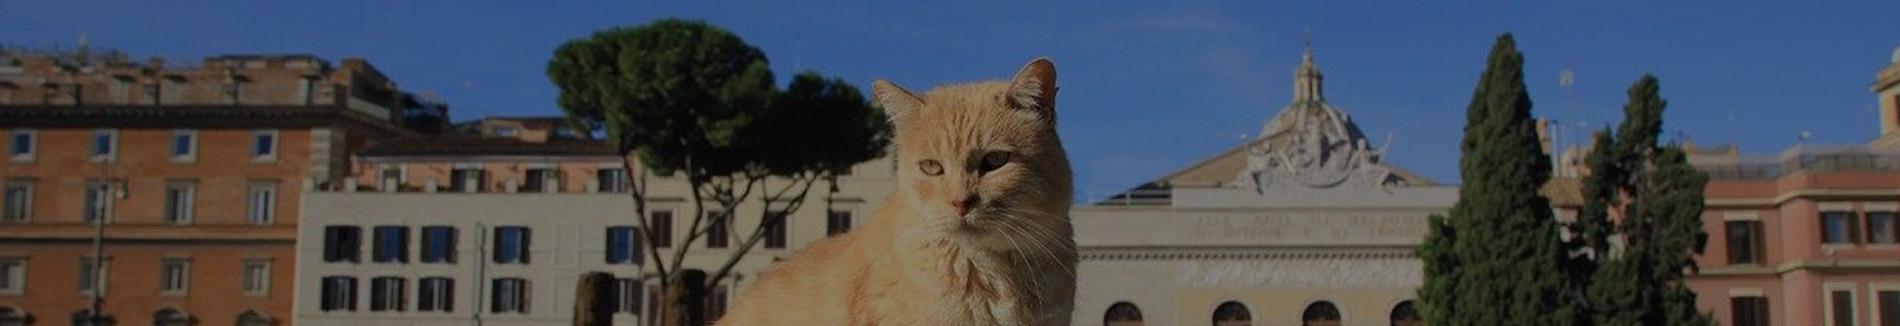 Roma cats